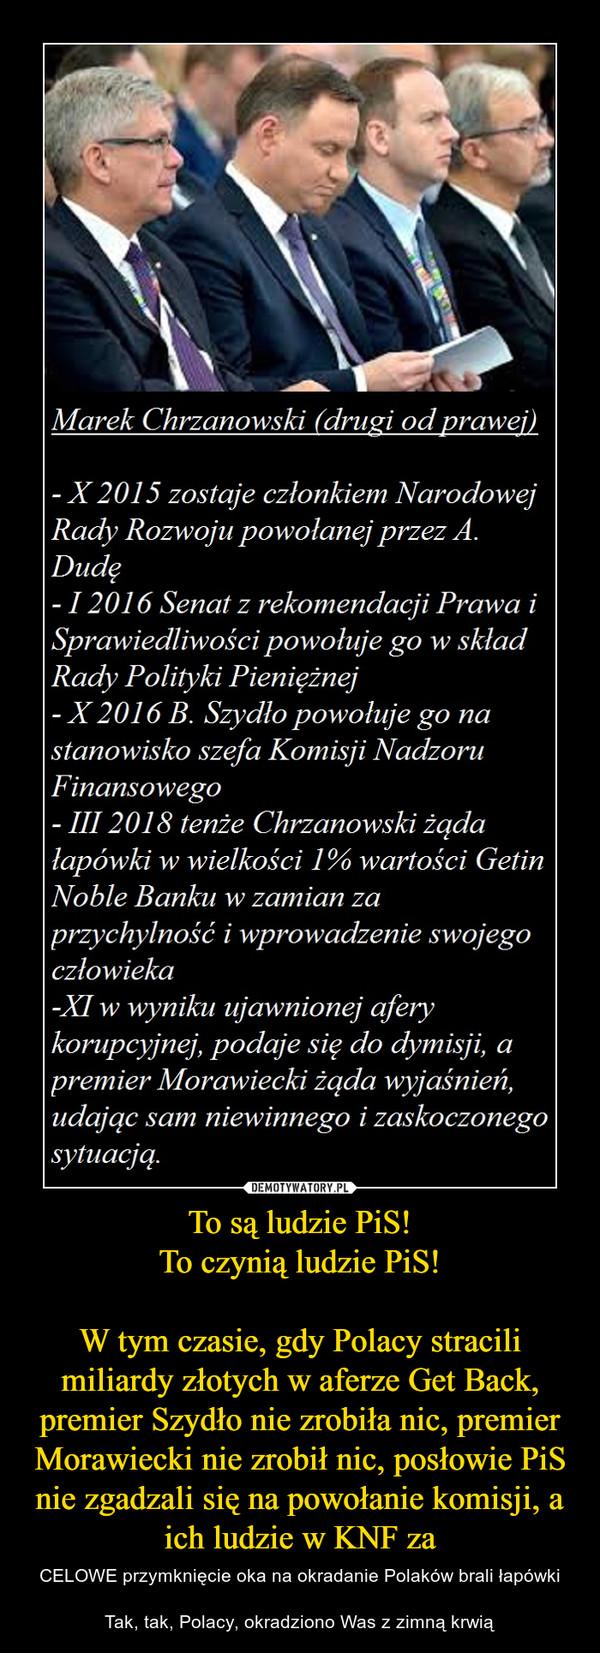 To są ludzie PiS!To czynią ludzie PiS!W tym czasie, gdy Polacy stracili miliardy złotych w aferze Get Back, premier Szydło nie zrobiła nic, premier Morawiecki nie zrobił nic, posłowie PiS nie zgadzali się na powołanie komisji, a ich ludzie w KNF za – CELOWE przymknięcie oka na okradanie Polaków brali łapówkiTak, tak, Polacy, okradziono Was z zimną krwią